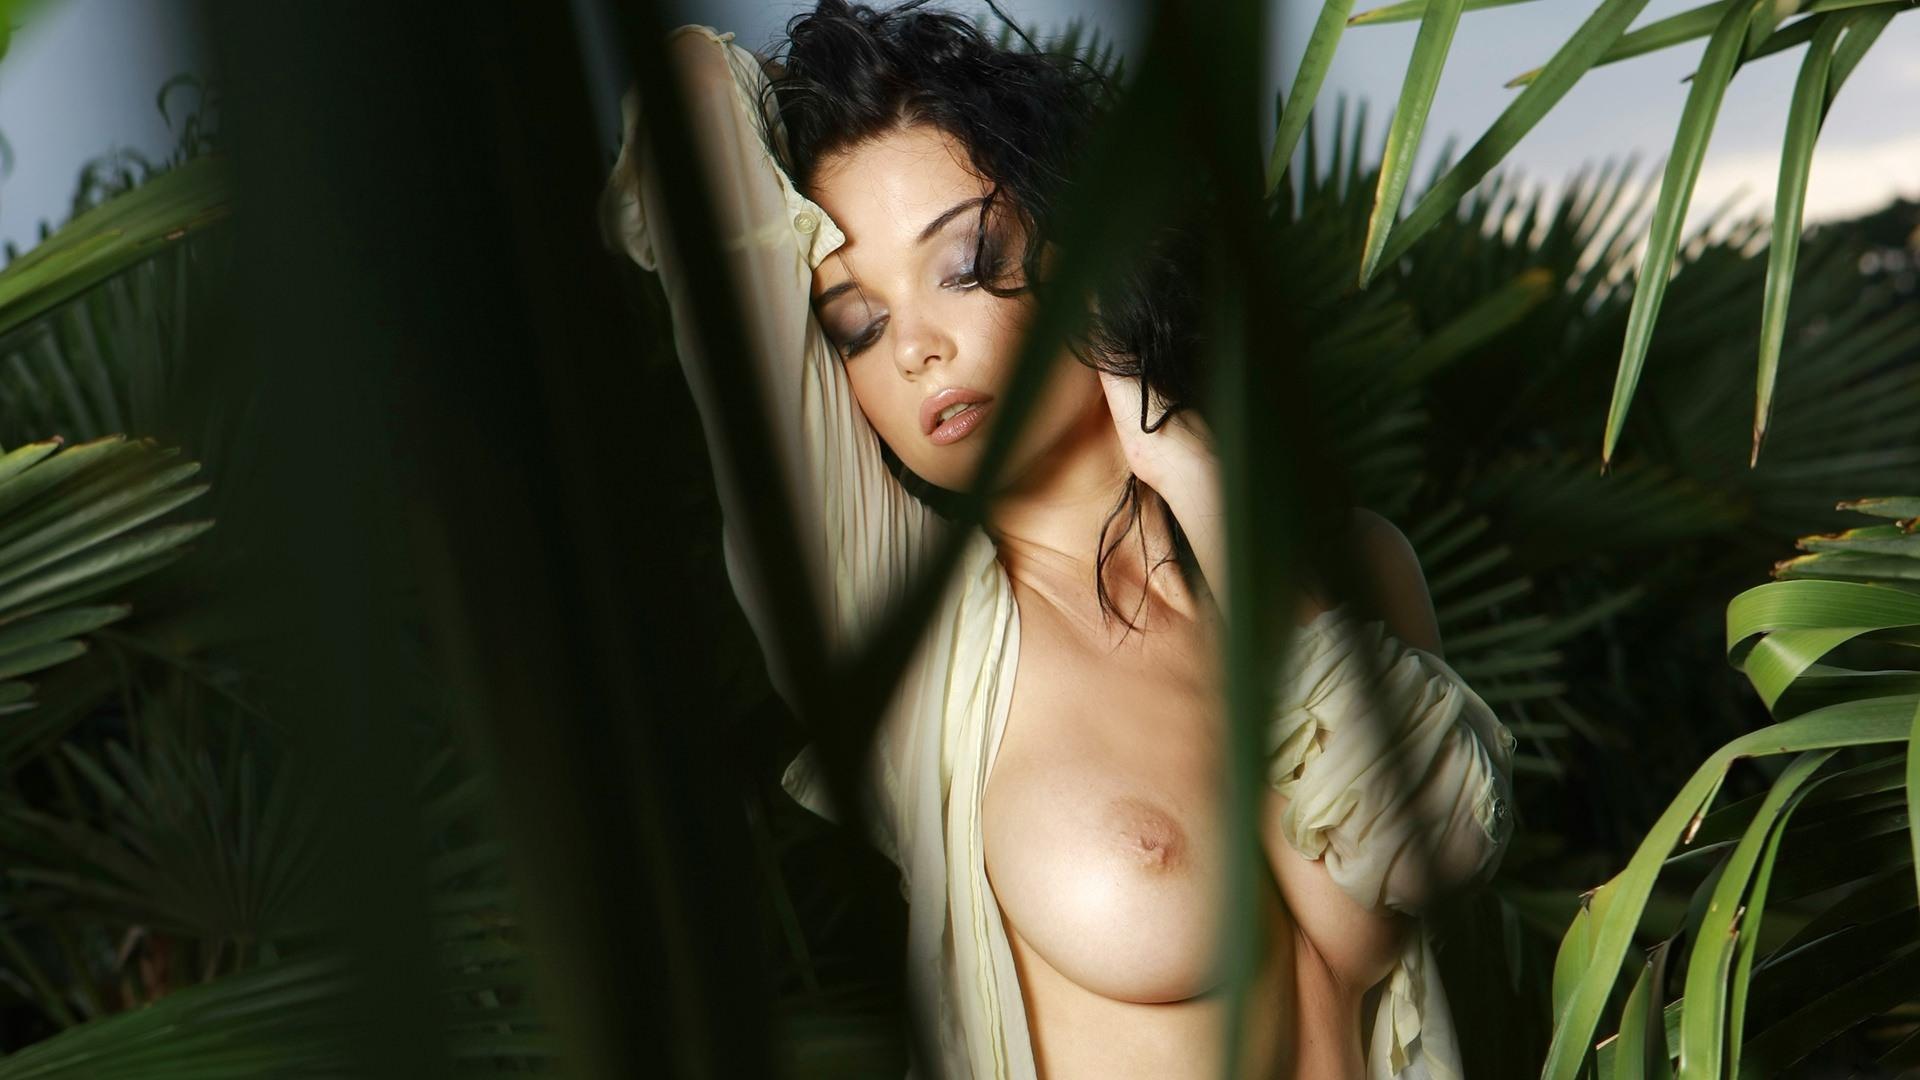 Фото Сексуальная девушка соблазнительно извивается среди кустов, голая грудь, жгучая брюнетка в джунглях, скачать картинку бесплатно